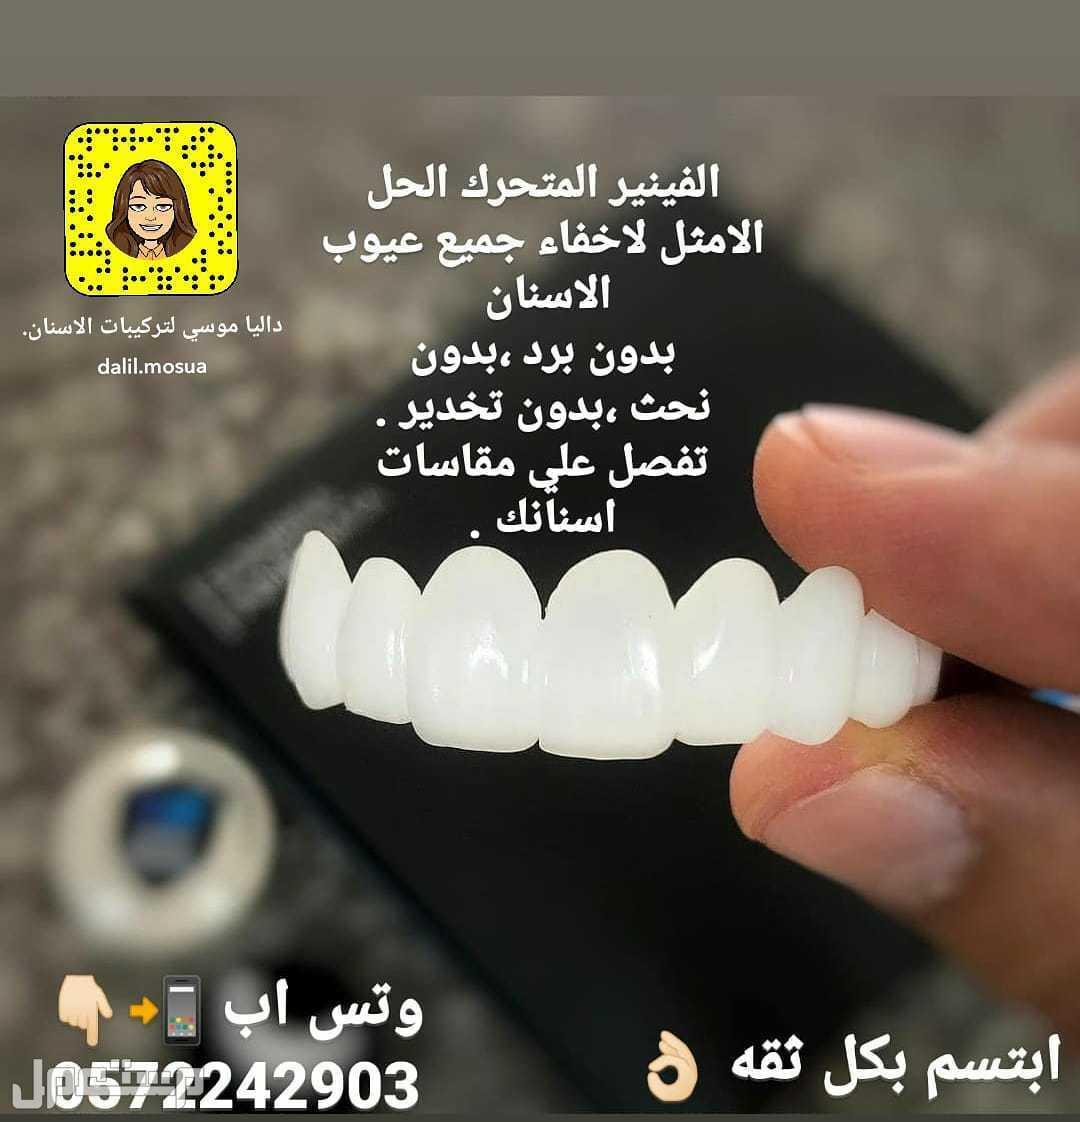 تمتع بابتسامه بيضاء خاليه من العيوب